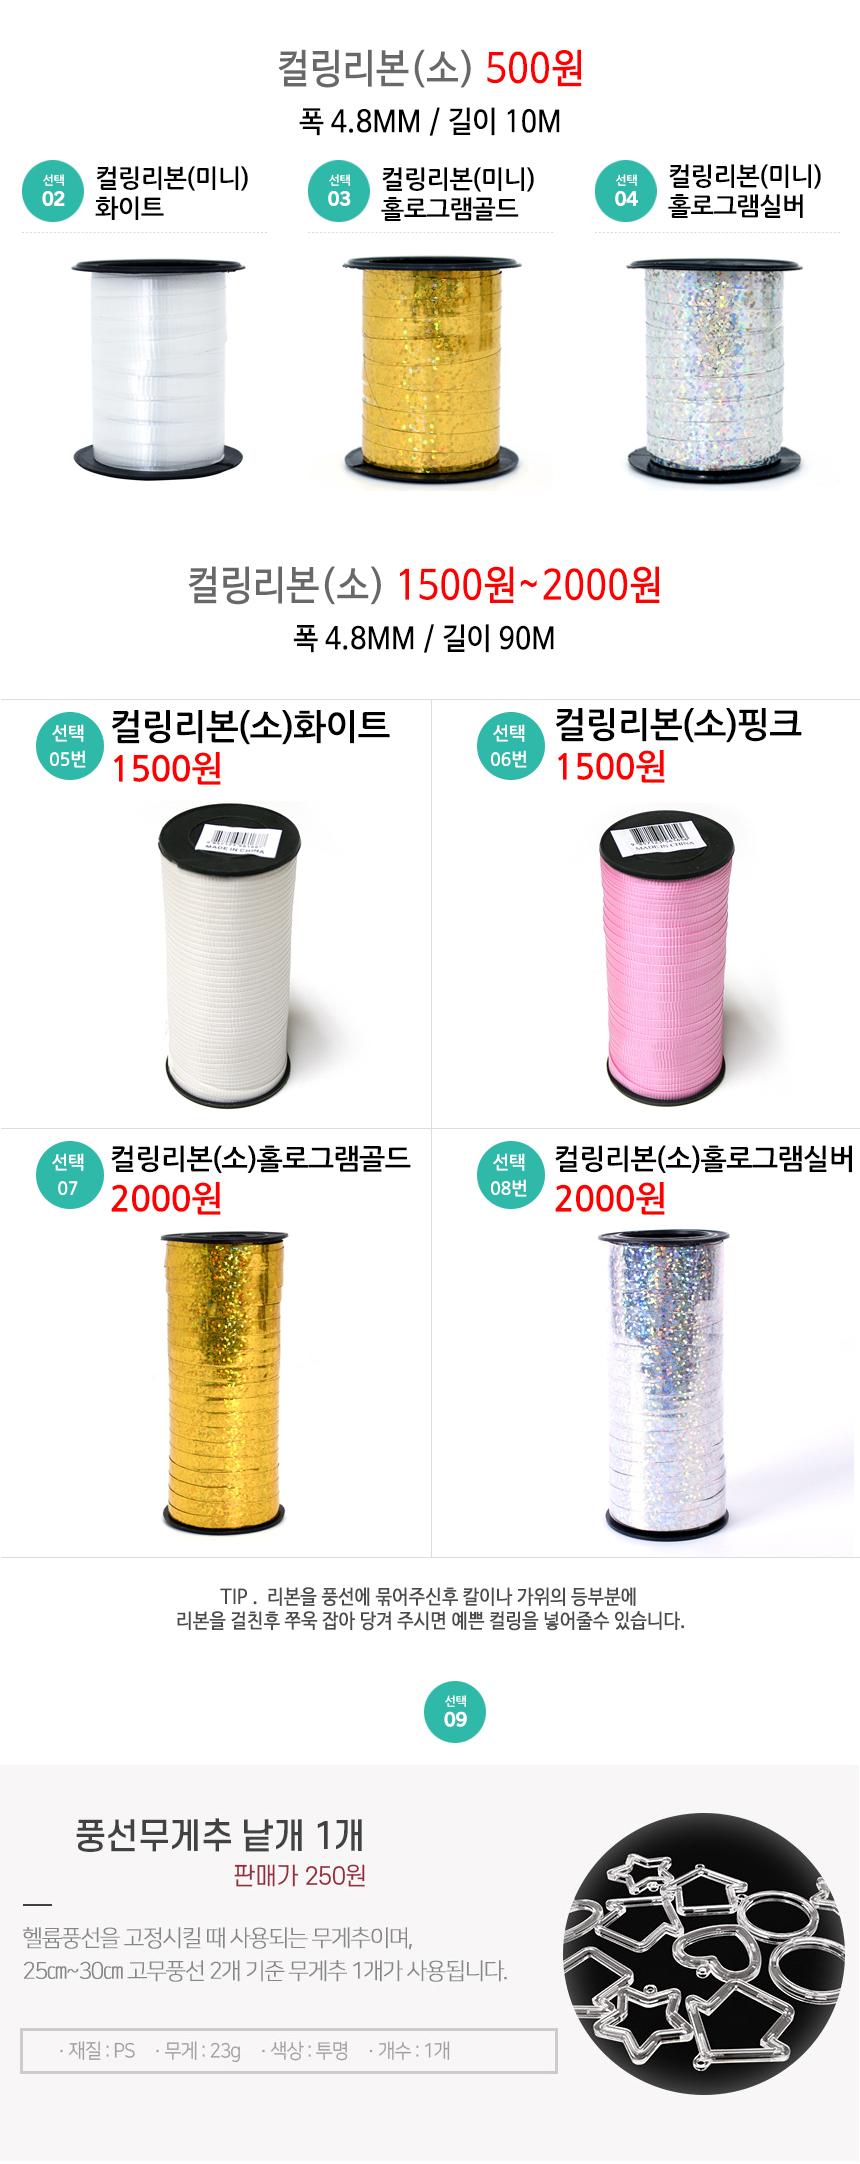 헬륨가스 추가용품